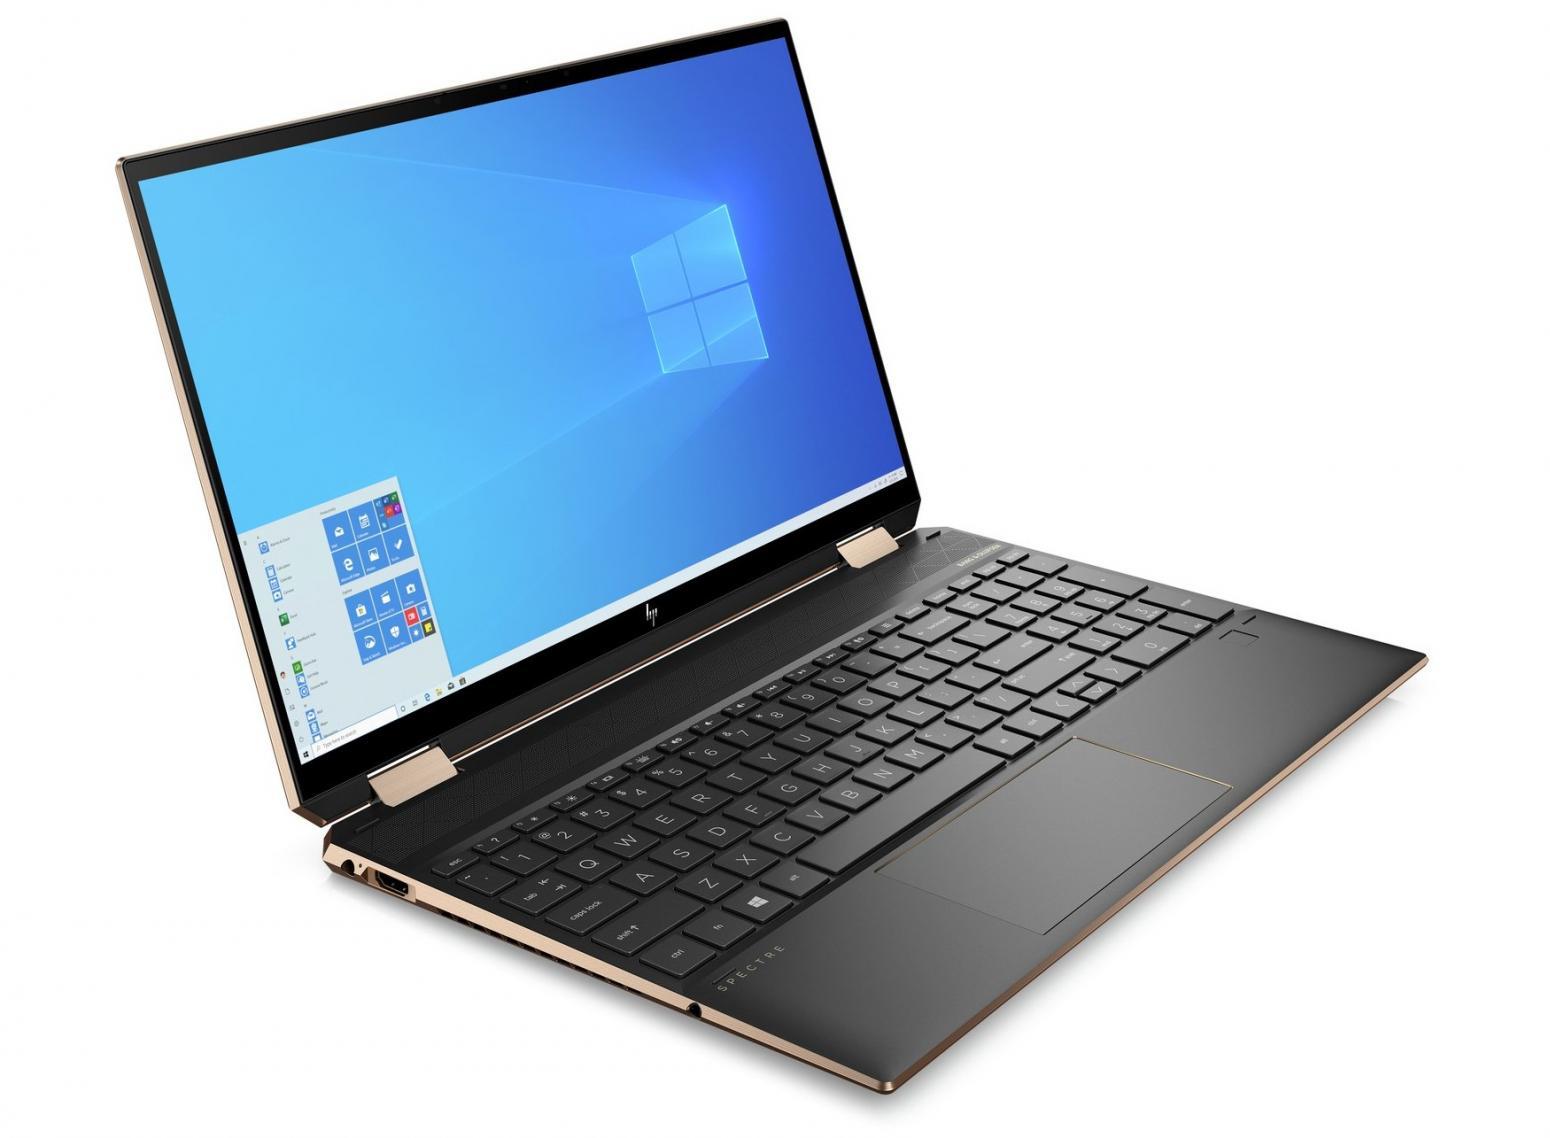 Ordinateur portable HP Spectre x360 15-eb1000nf Noir - 4K Tactile - photo 4